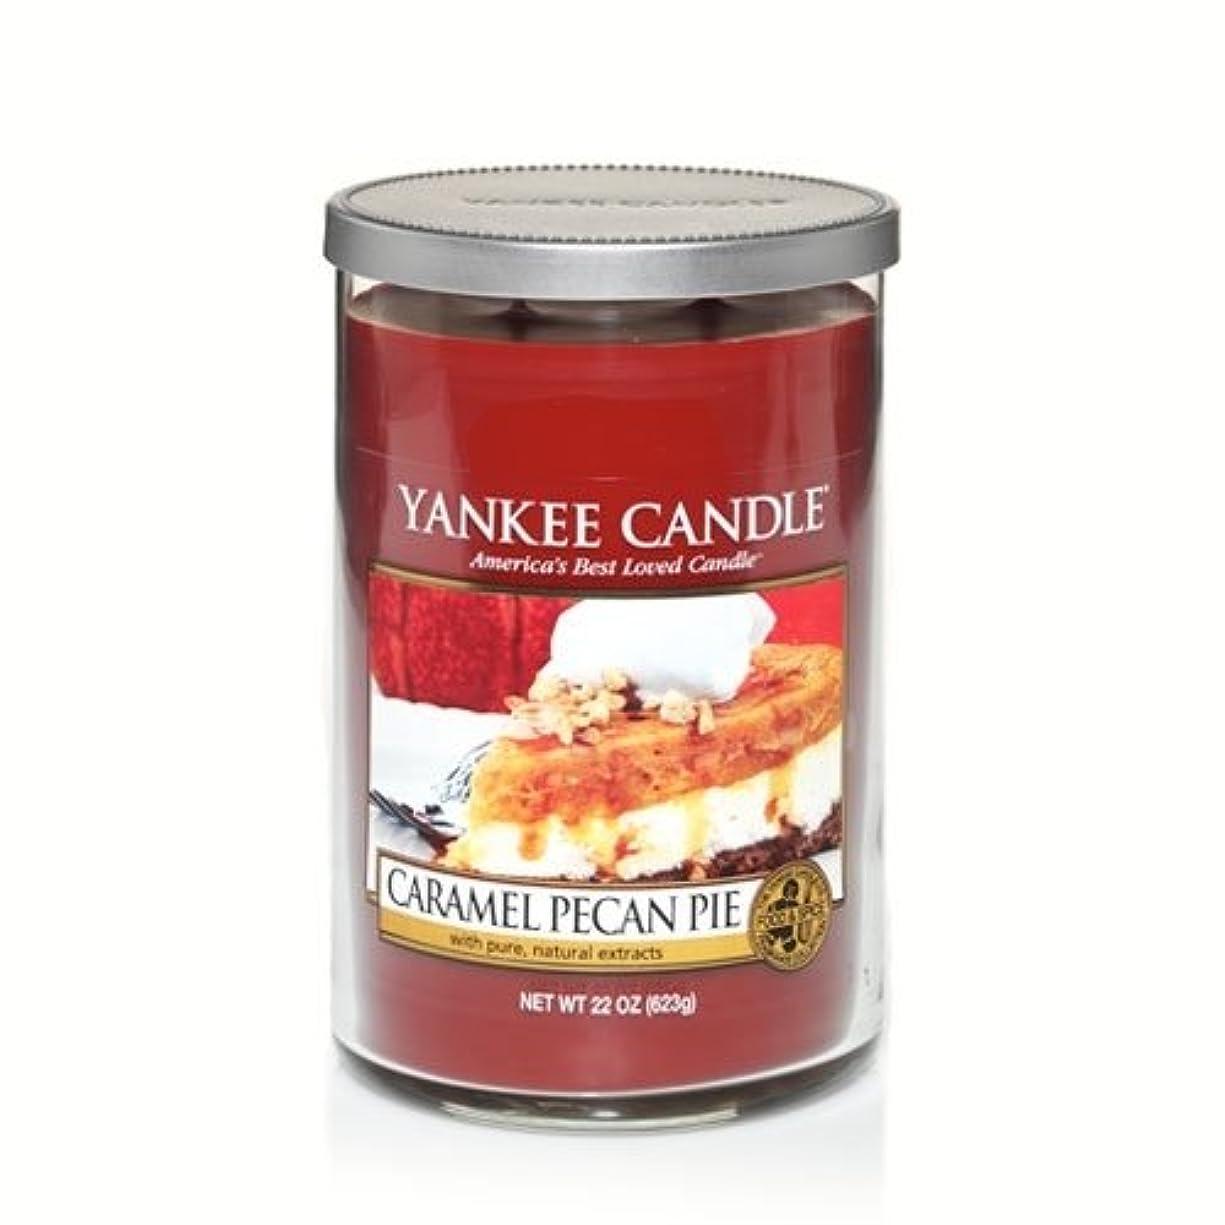 節約爆発薄いYankee Candle Caramel Pecan Pie , Food & Spice香り Large Tumbler Candles 1245593-YC